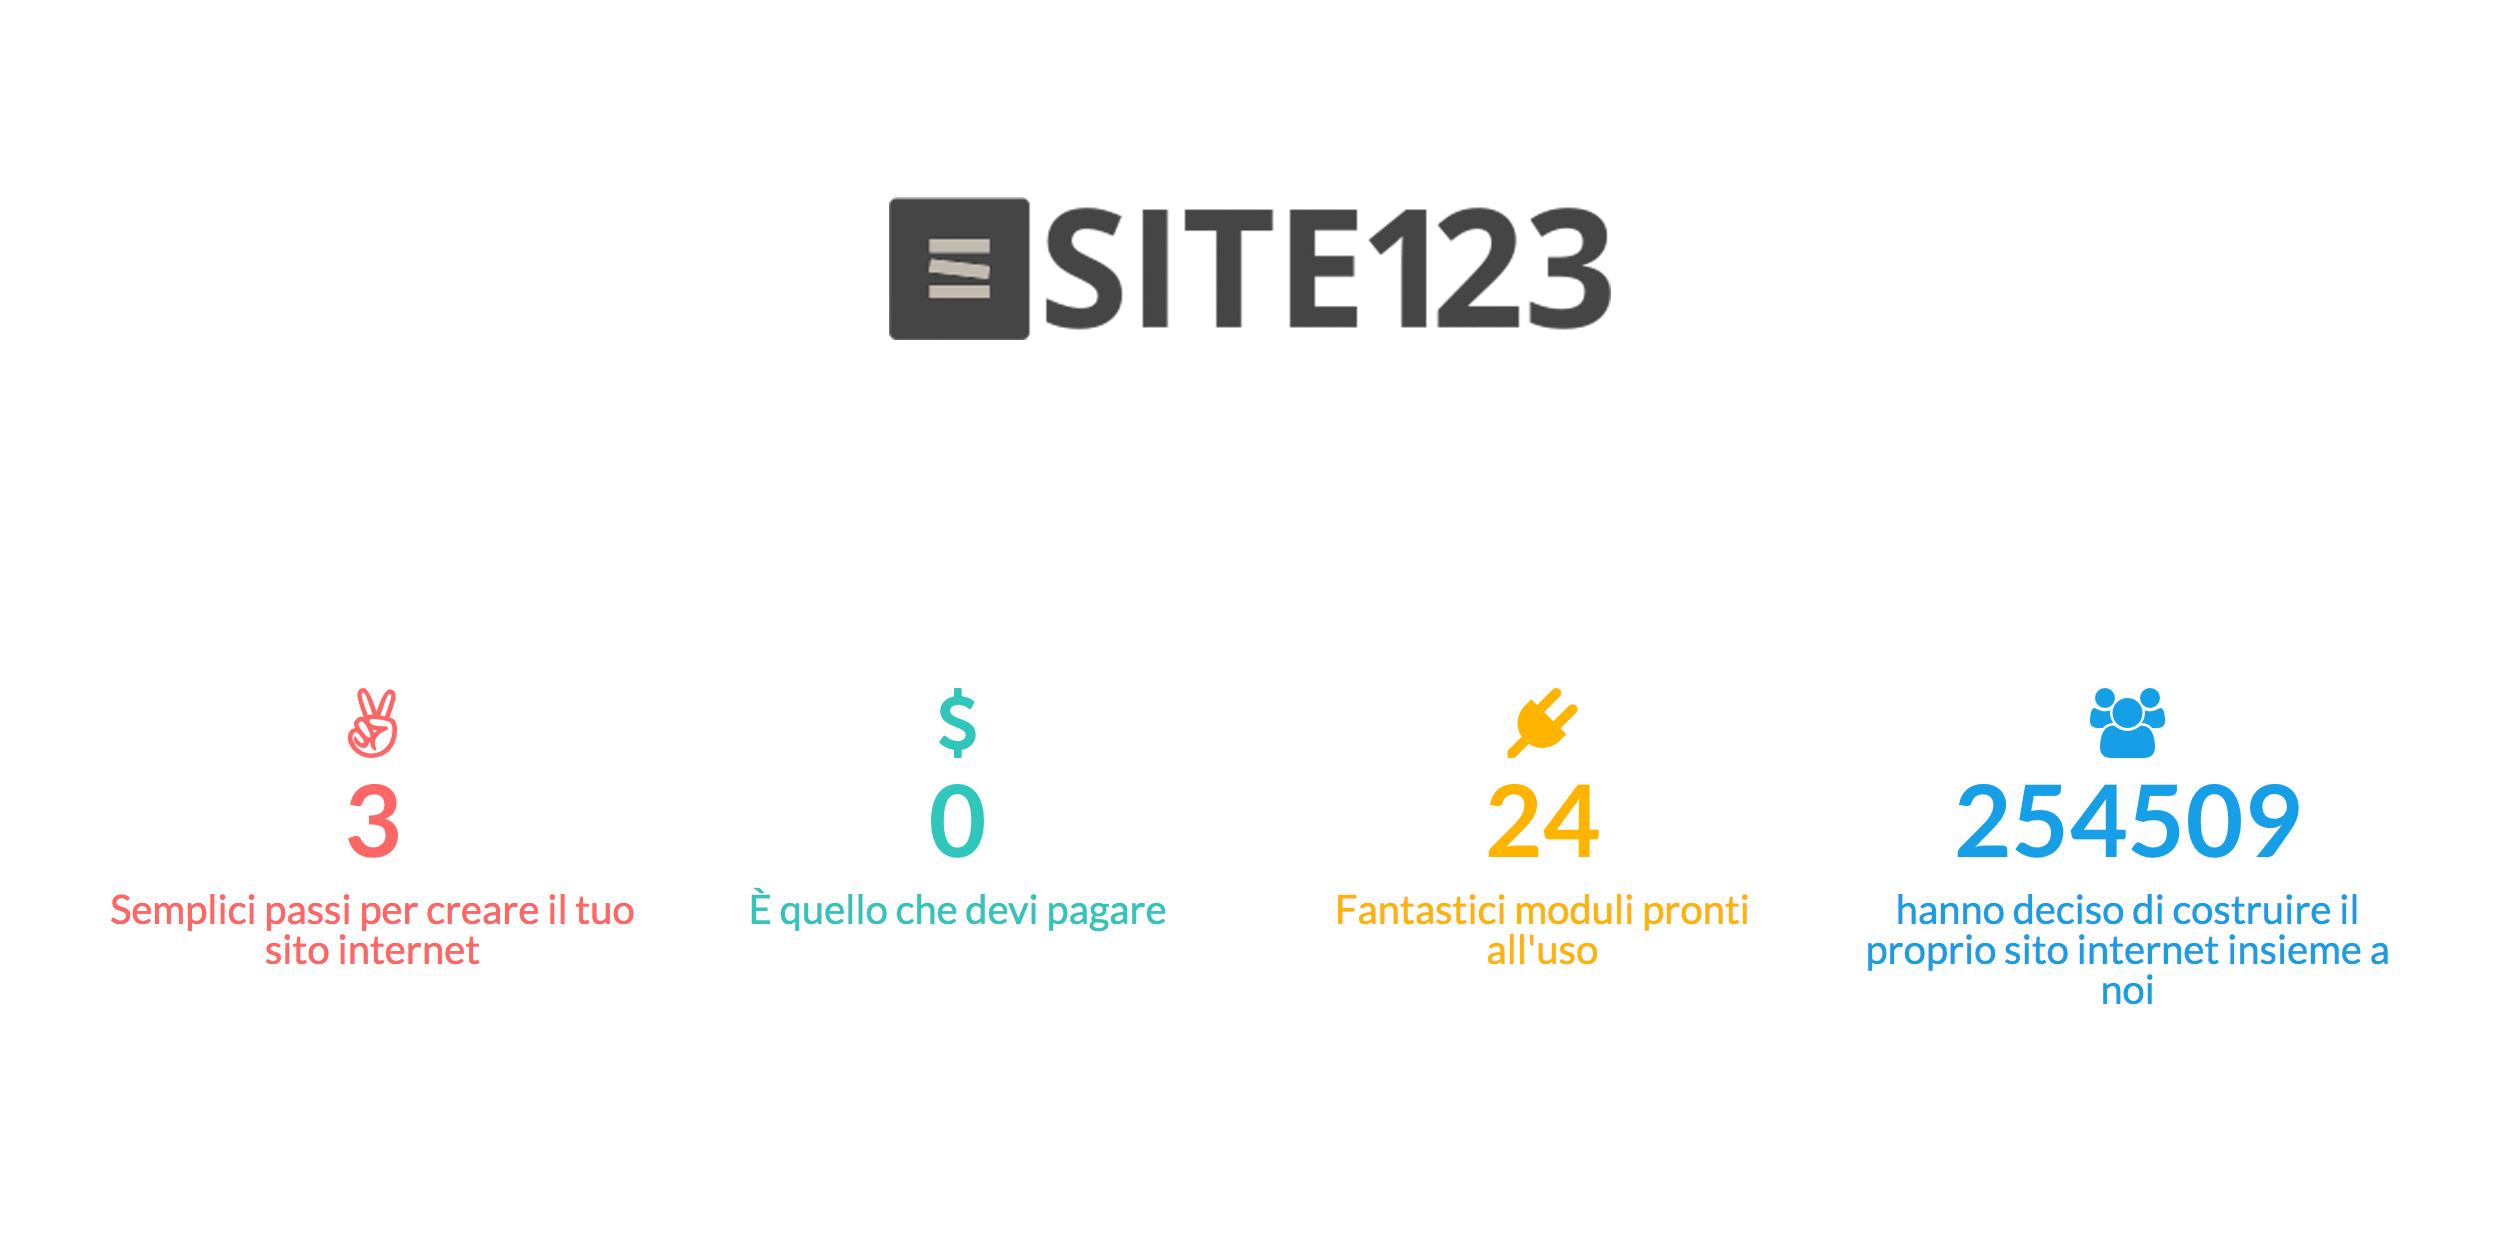 Site123: website builder